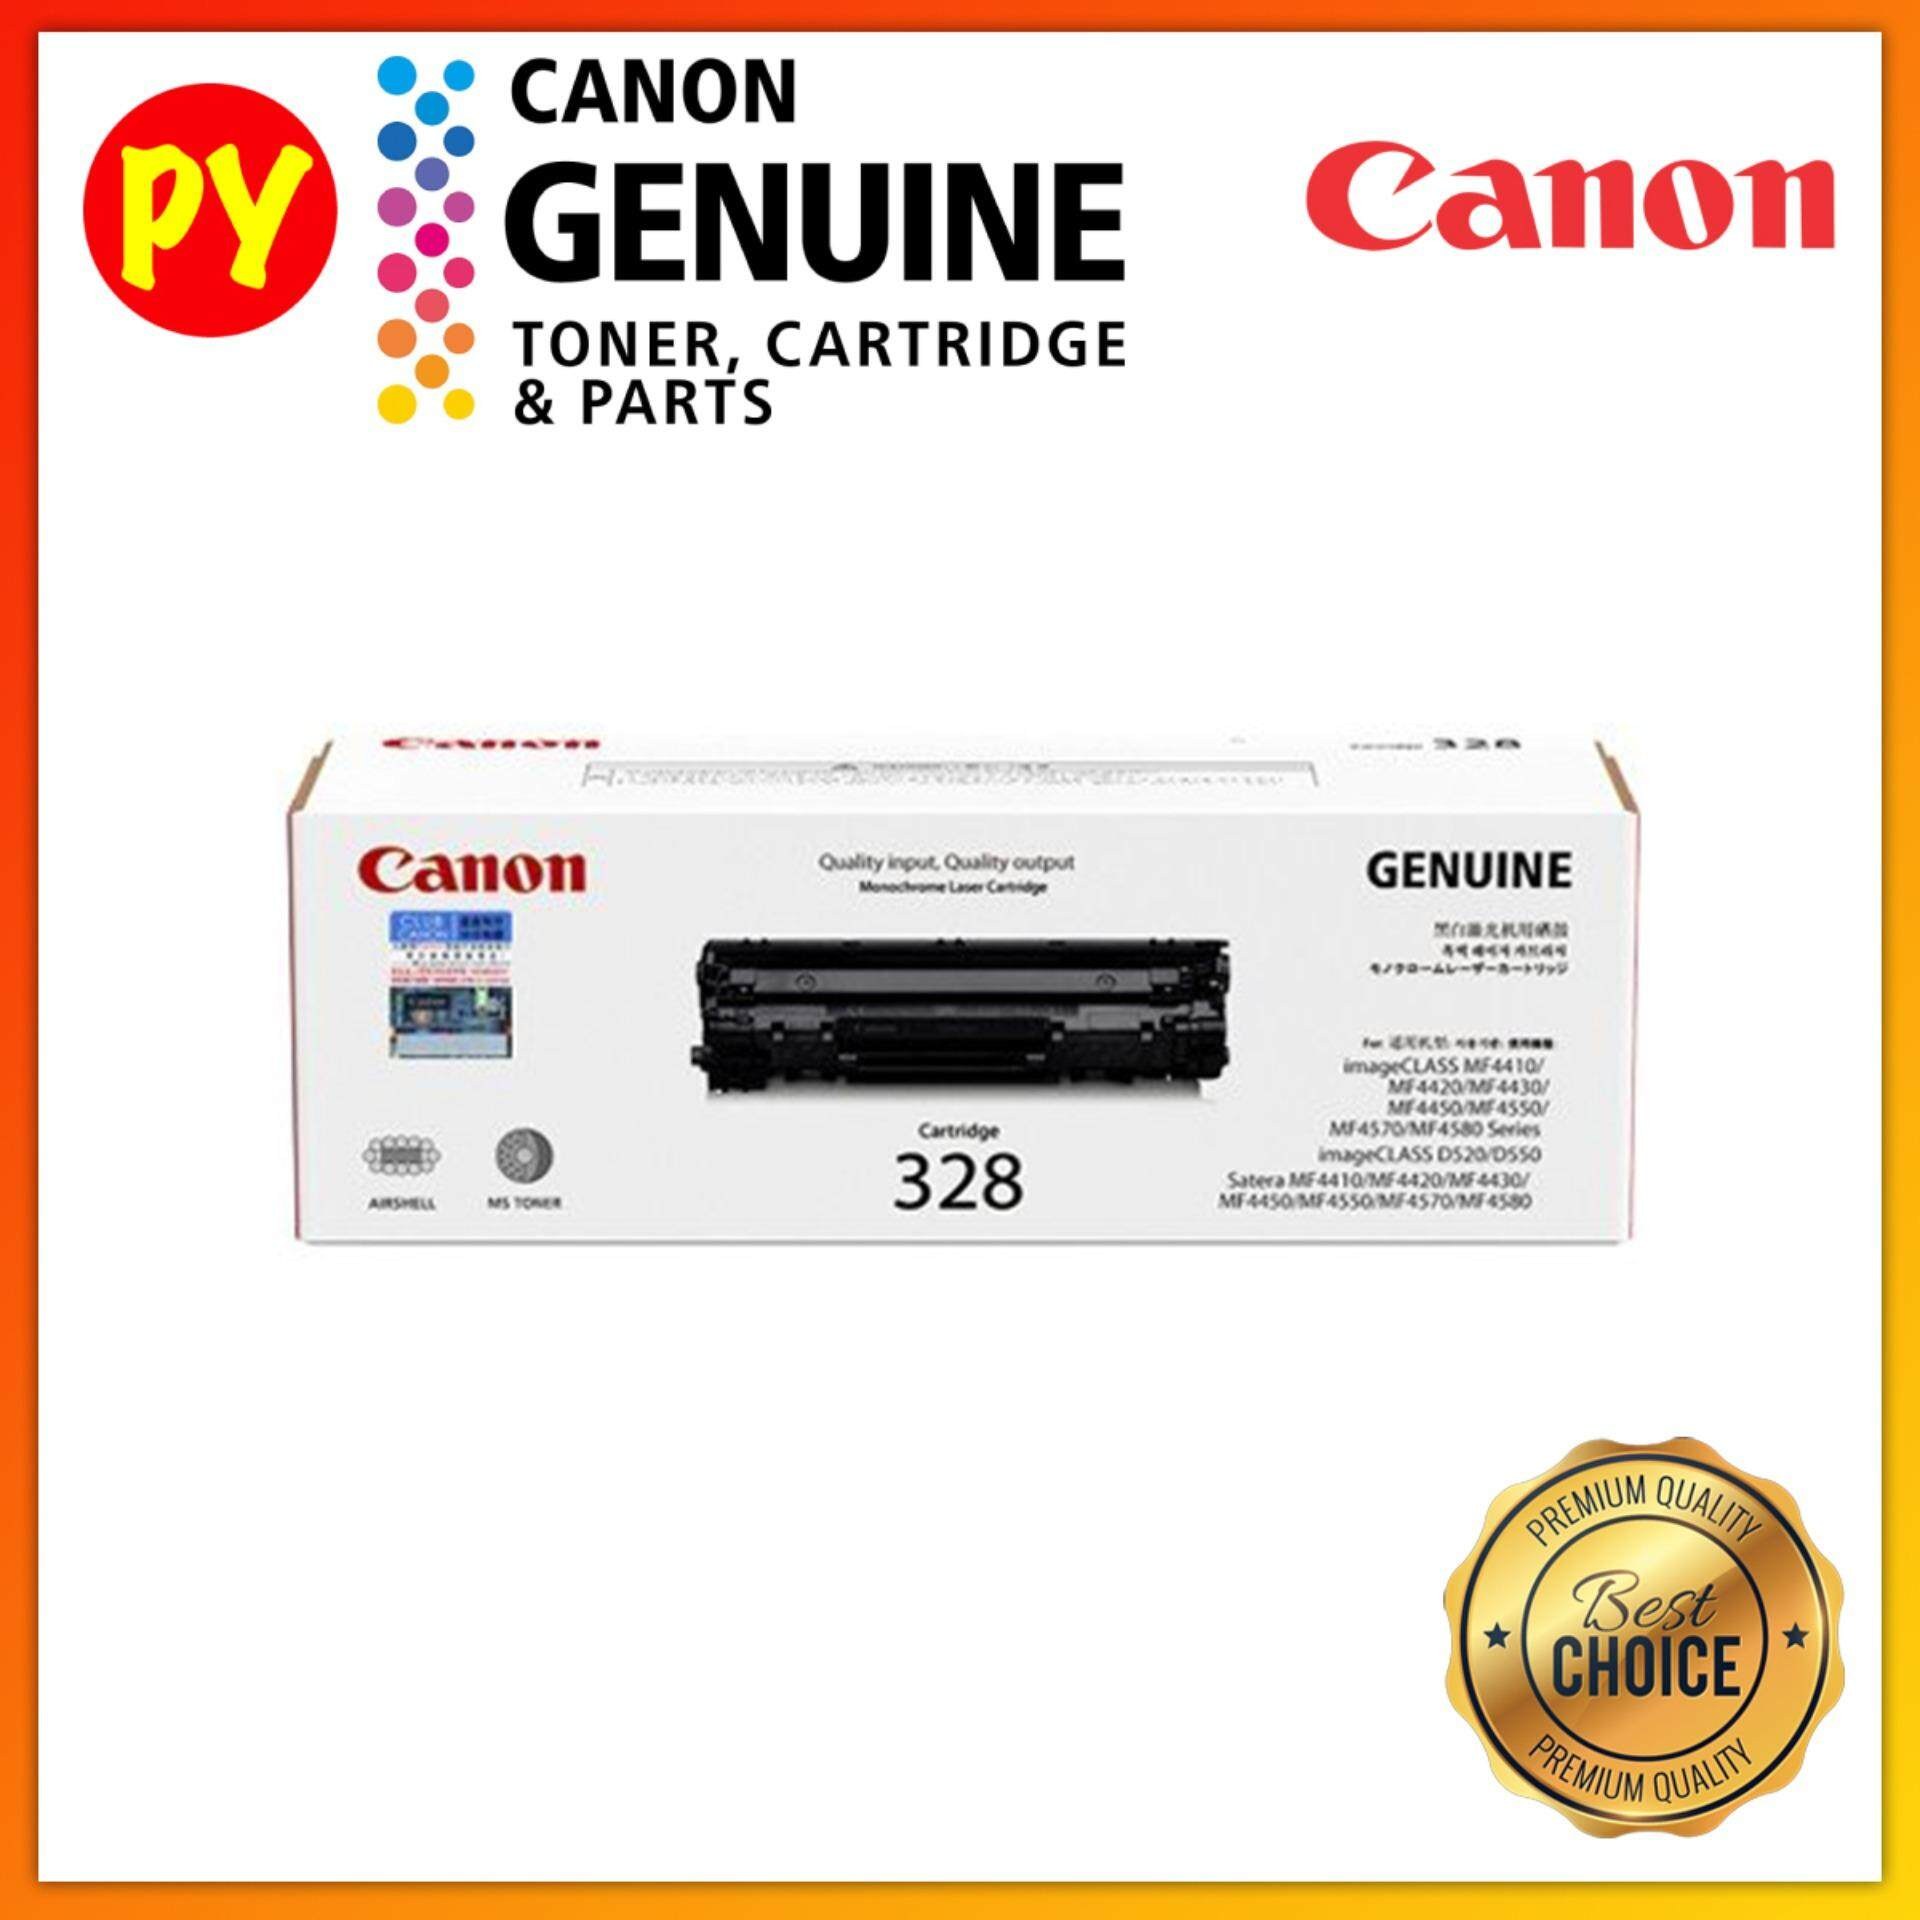 Canon Cartridge 328 Black Original Laser Toner - for Canon FAX-L 170 Printer